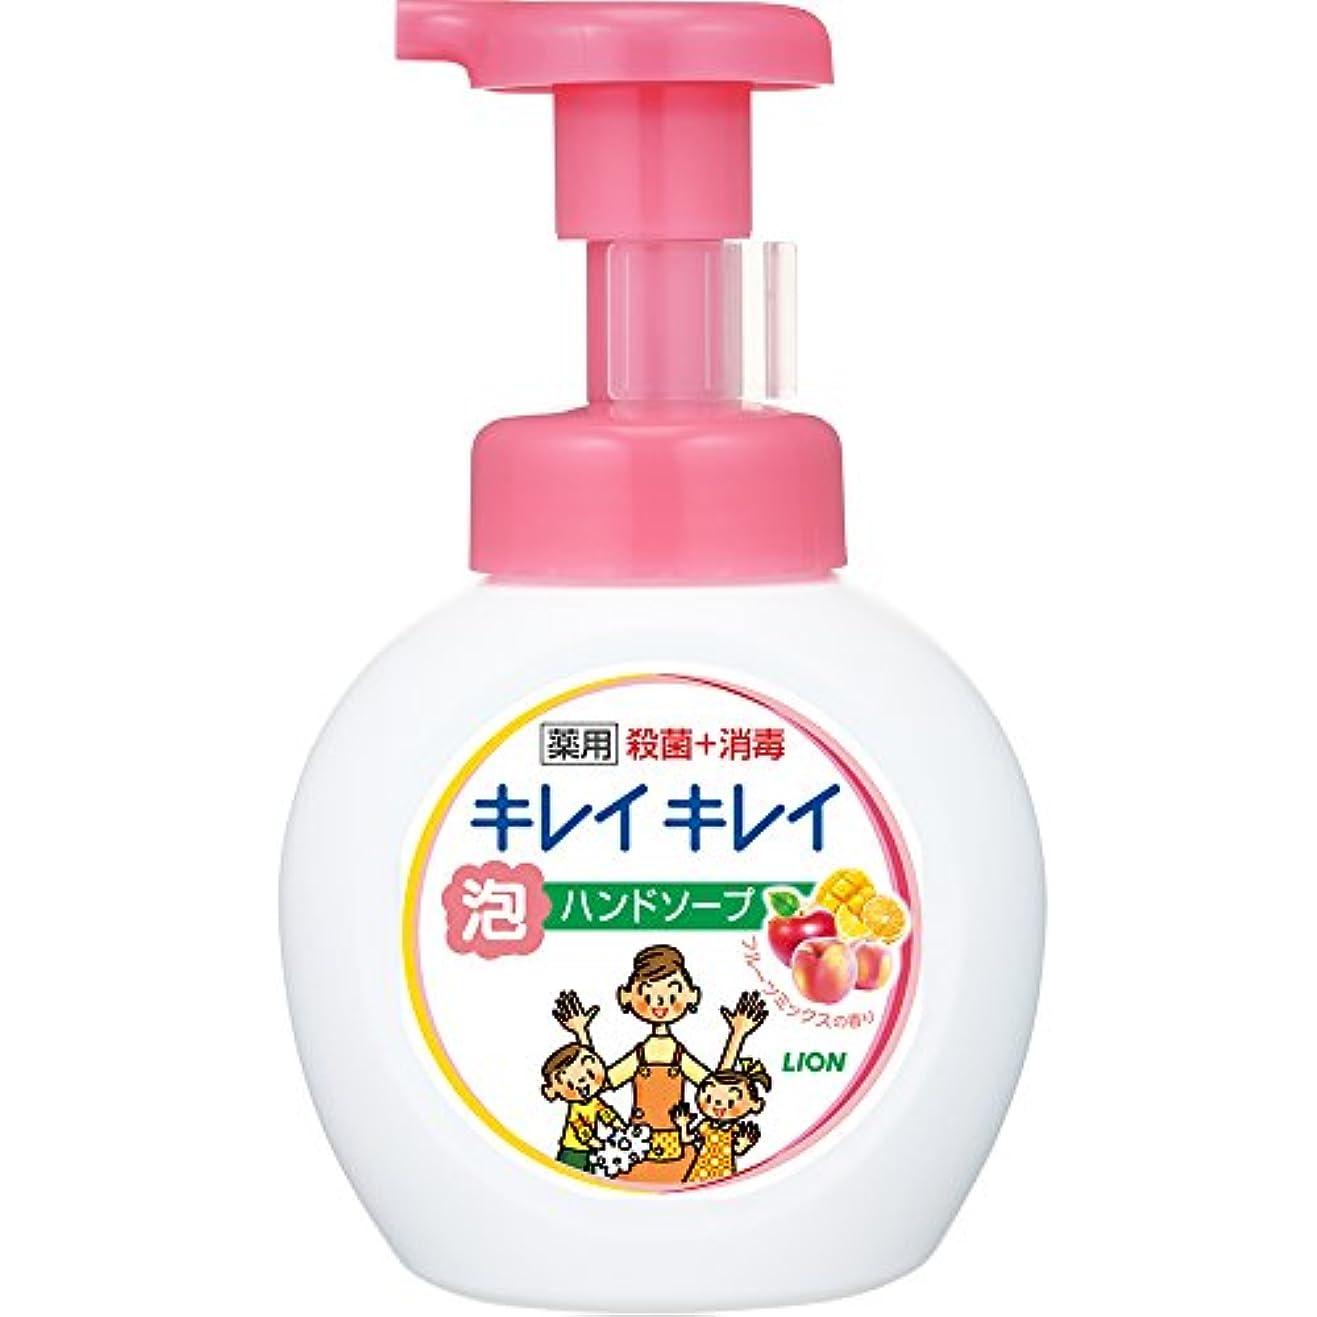 ゼロこねる裏切るキレイキレイ 薬用 泡ハンドソープ フルーツミックスの香り ポンプ 250ml(医薬部外品)